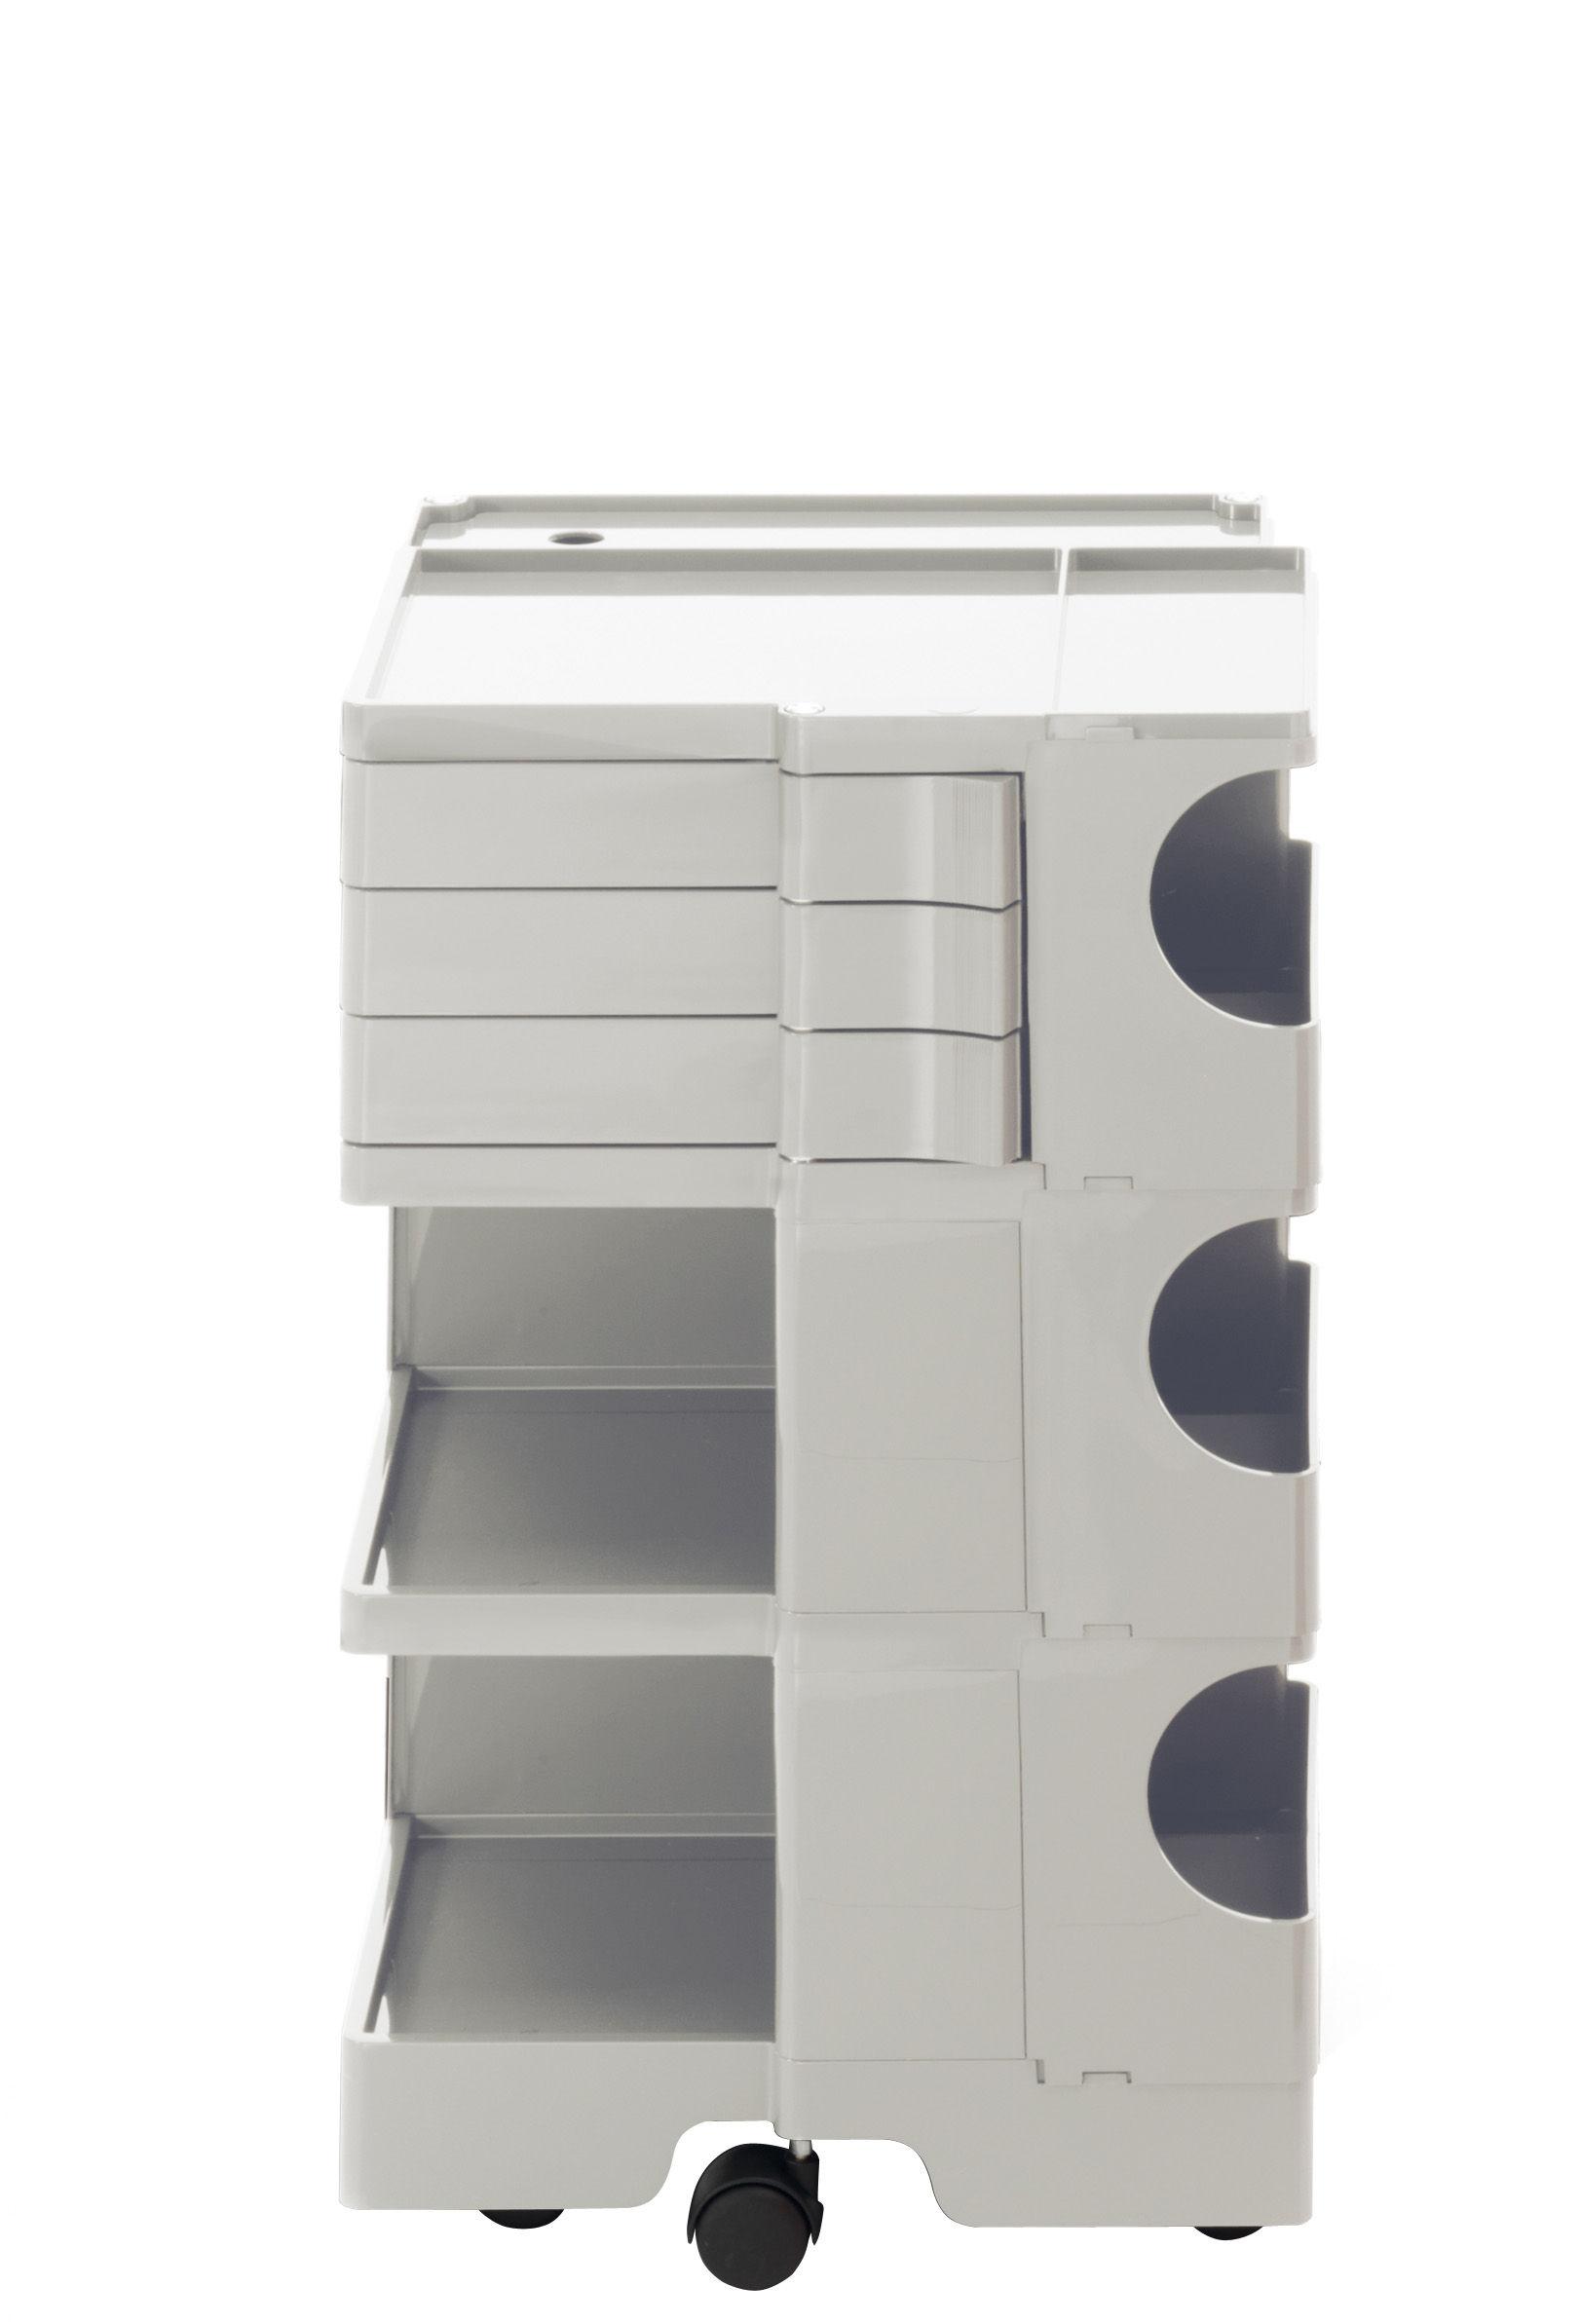 Möbel - Beistell-Möbel - Boby Ablage / H 73 cm - 3 Schubladen - B-LINE - Weiß - ABS